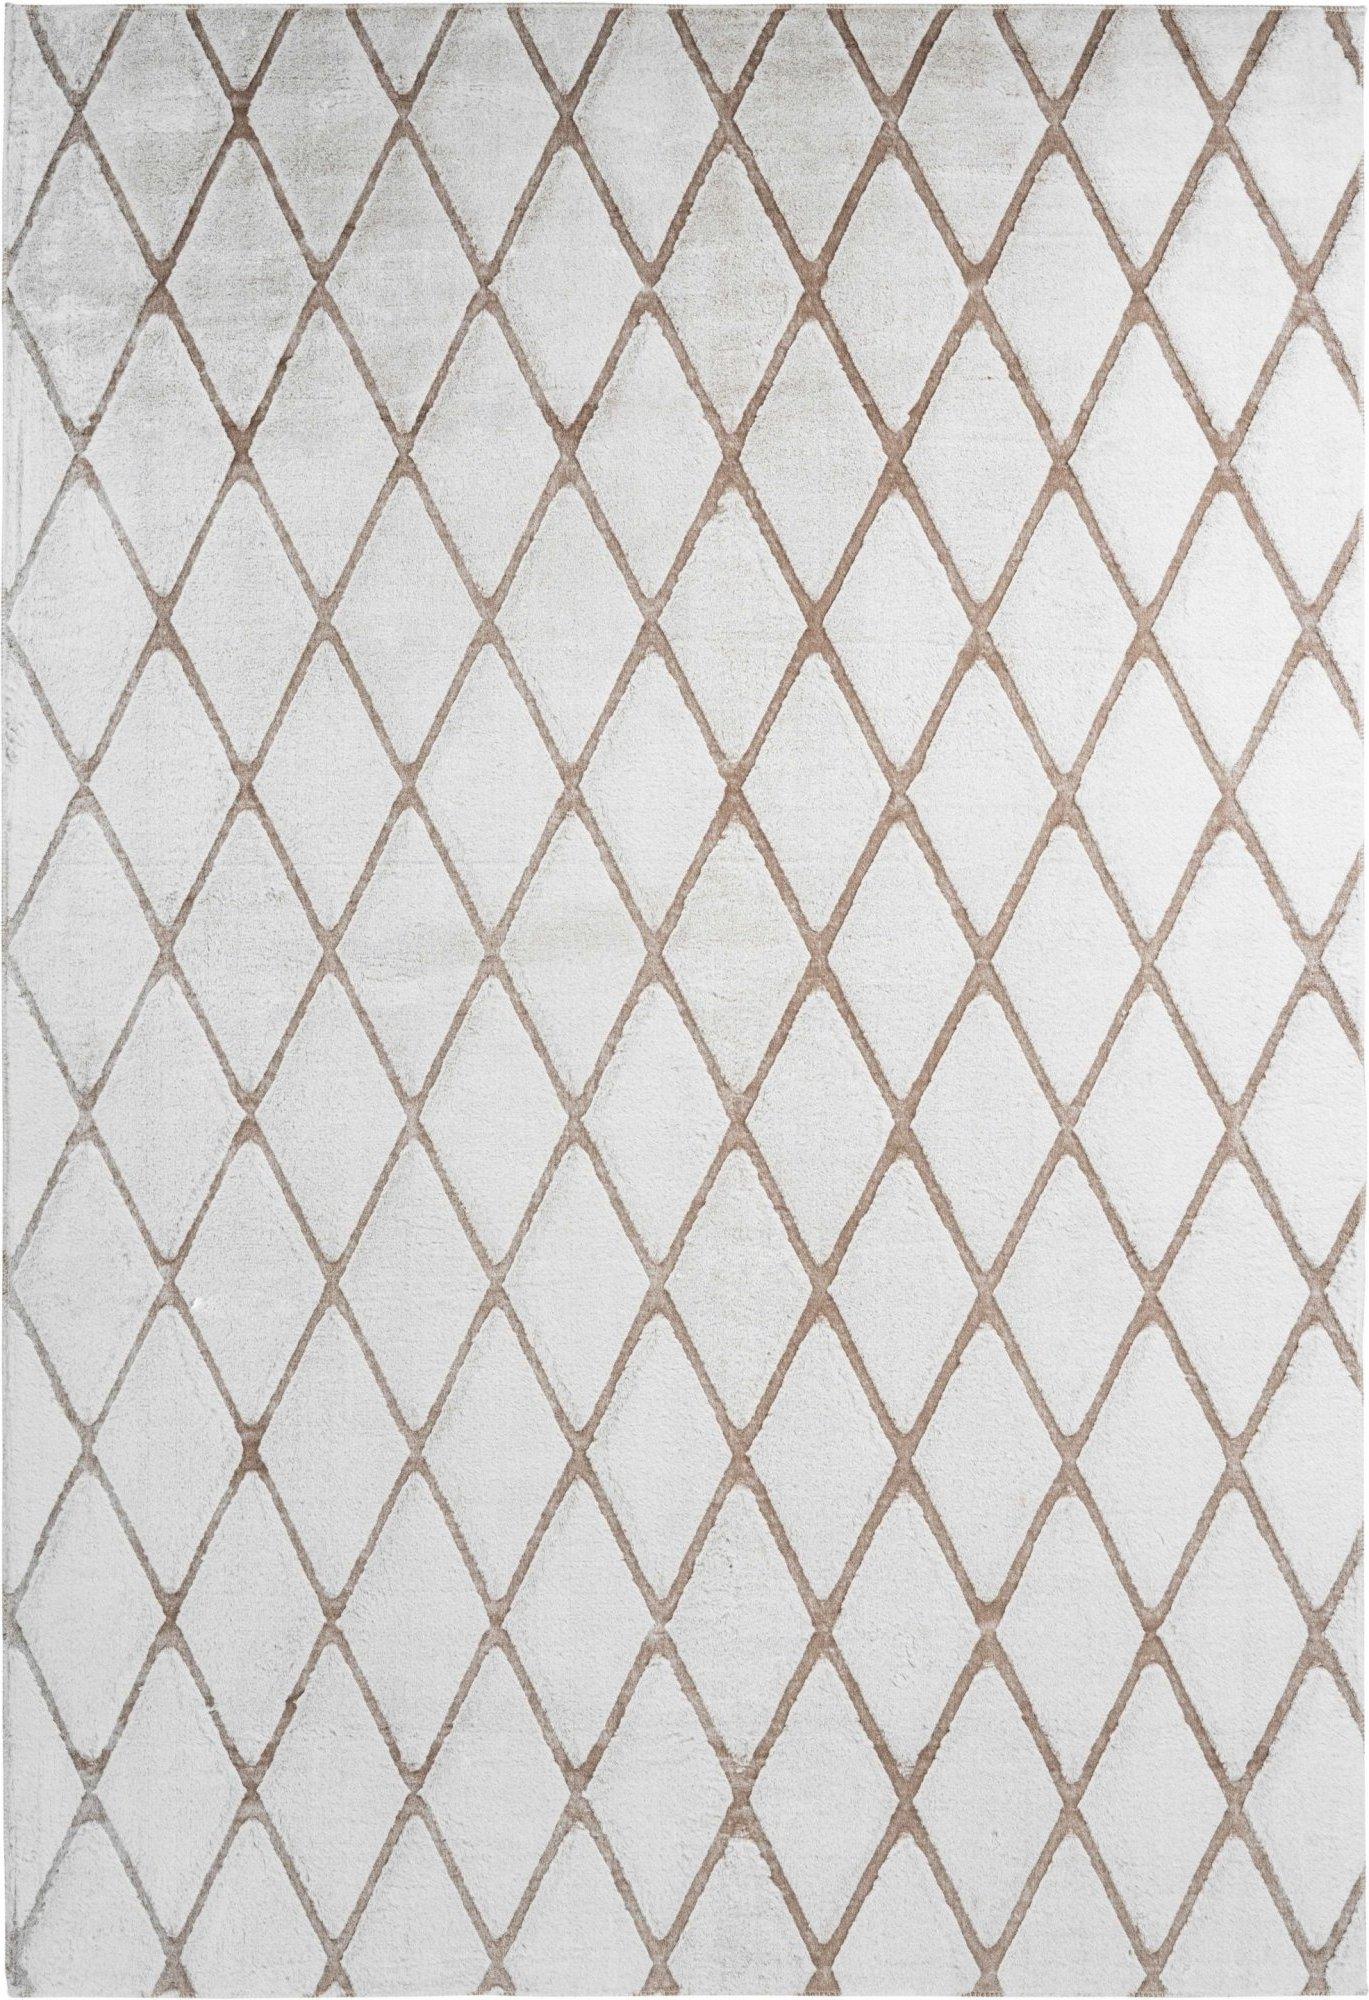 Tapis en polyester blanc et taupe 80x250